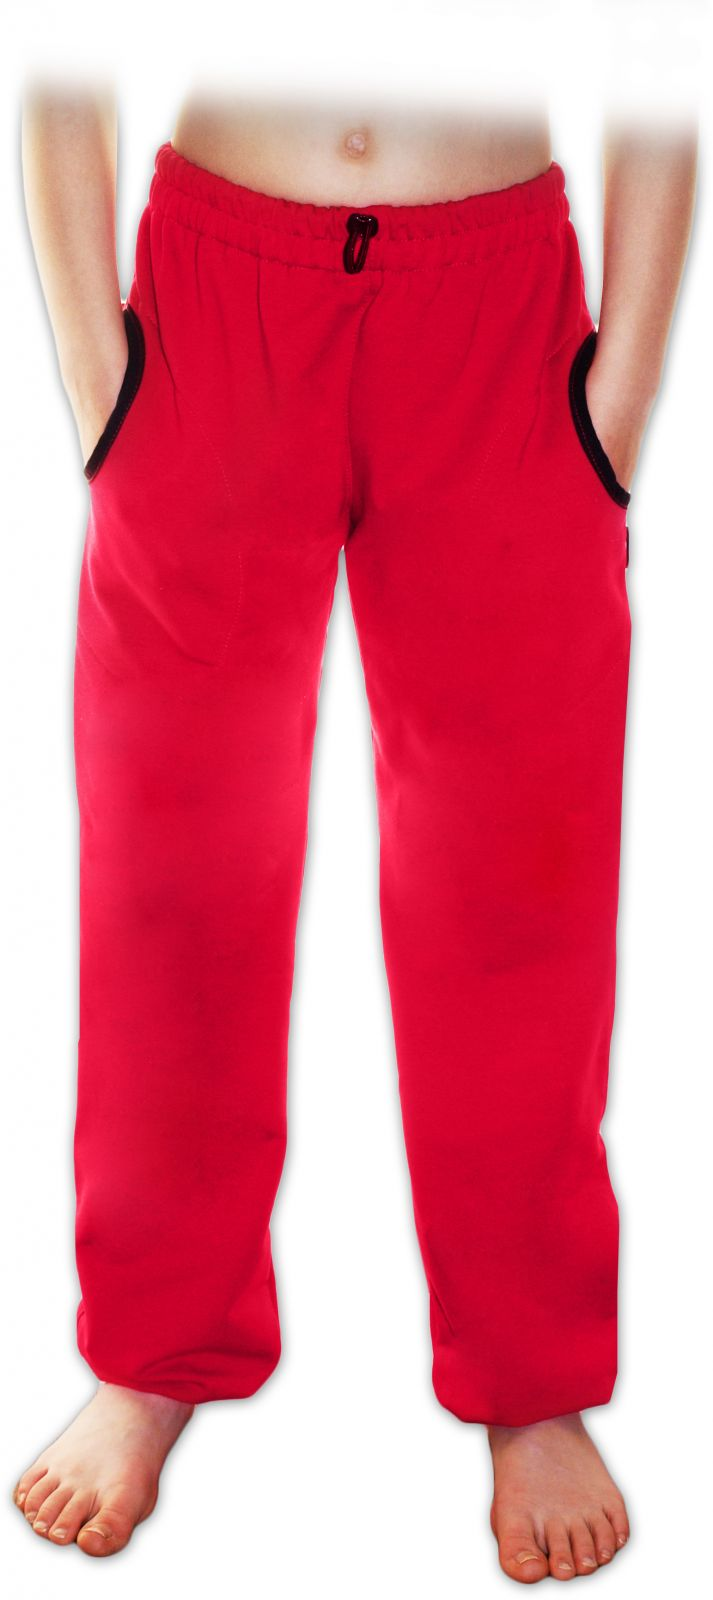 Teplejší dětské tepláky s kapsami, bavlněné, sytě růžové, 98/104